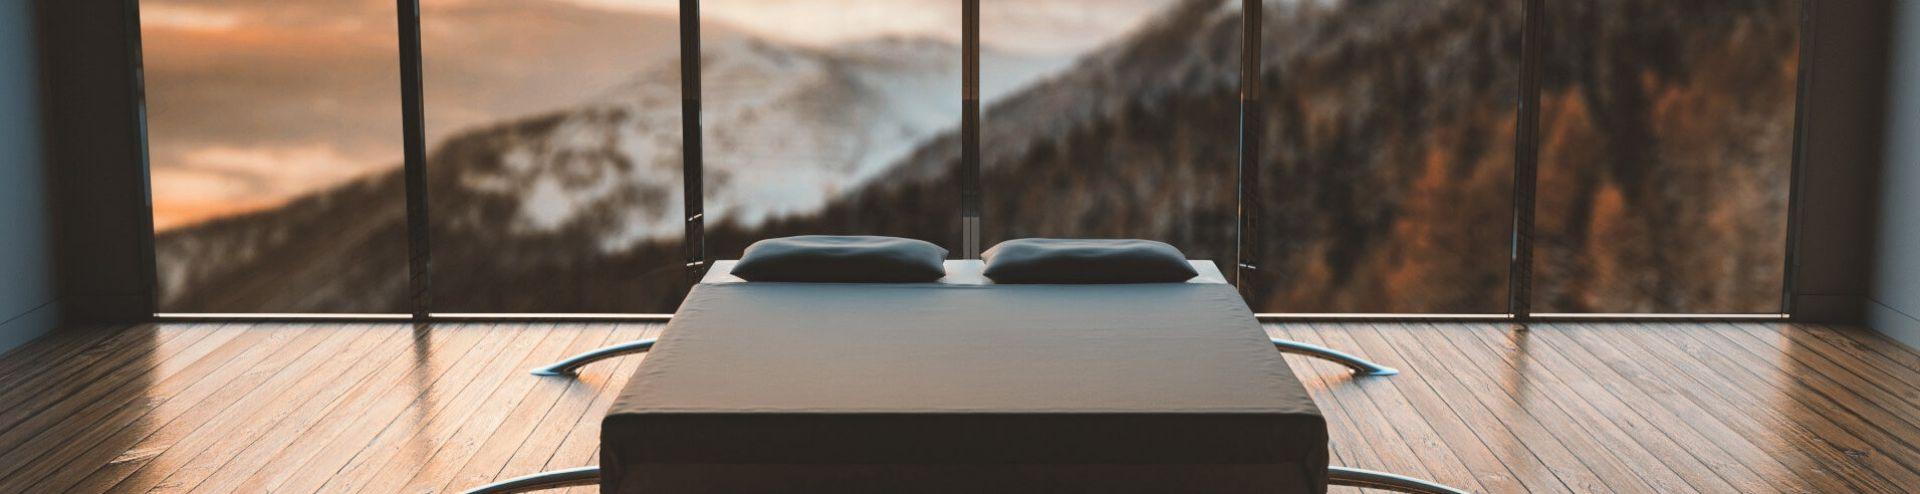 Ventilatie op de slaapkamer - Brink Air